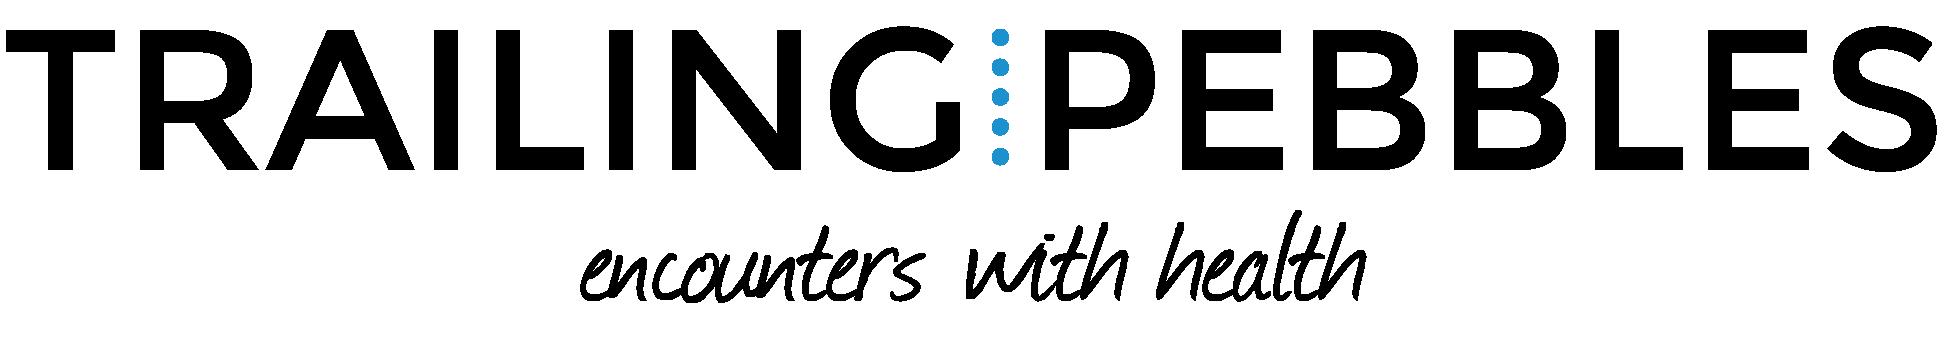 Trailing Pebbles logo